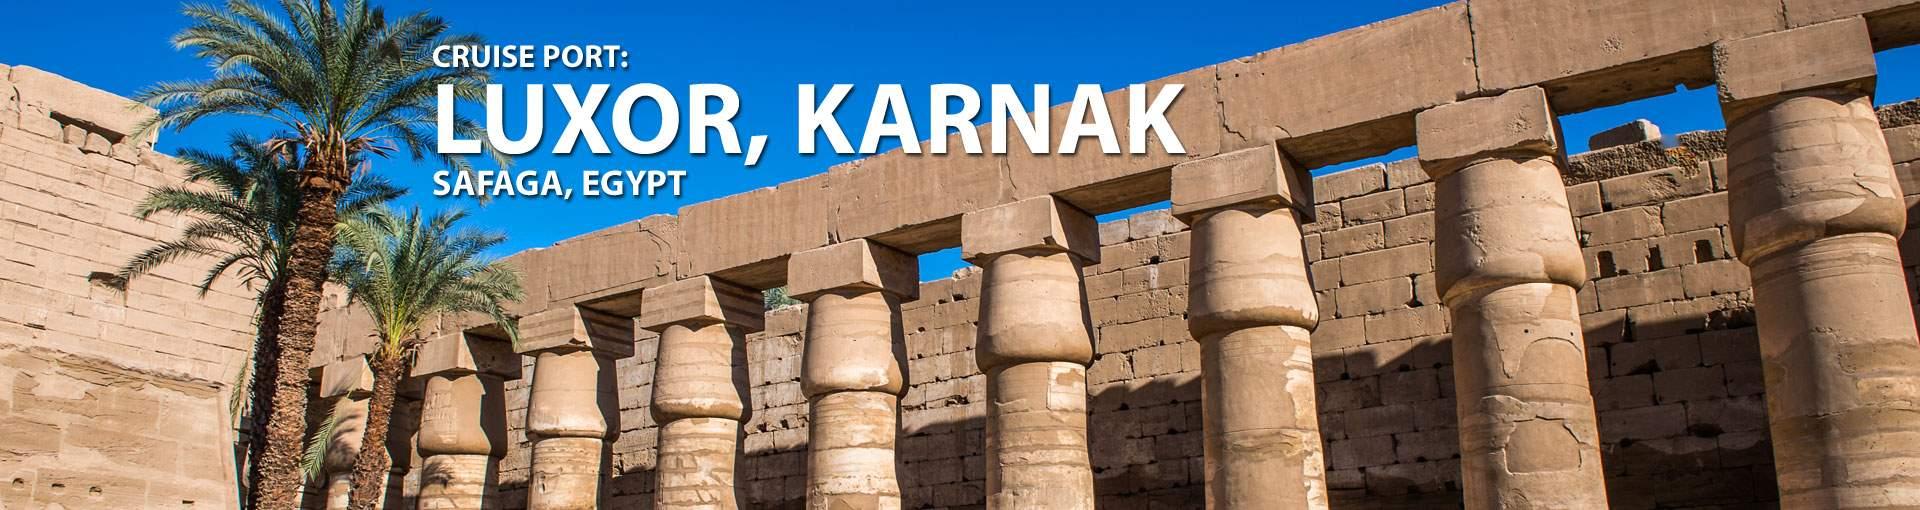 Cruises to Luxor, Karnak (Safaga), Egypt